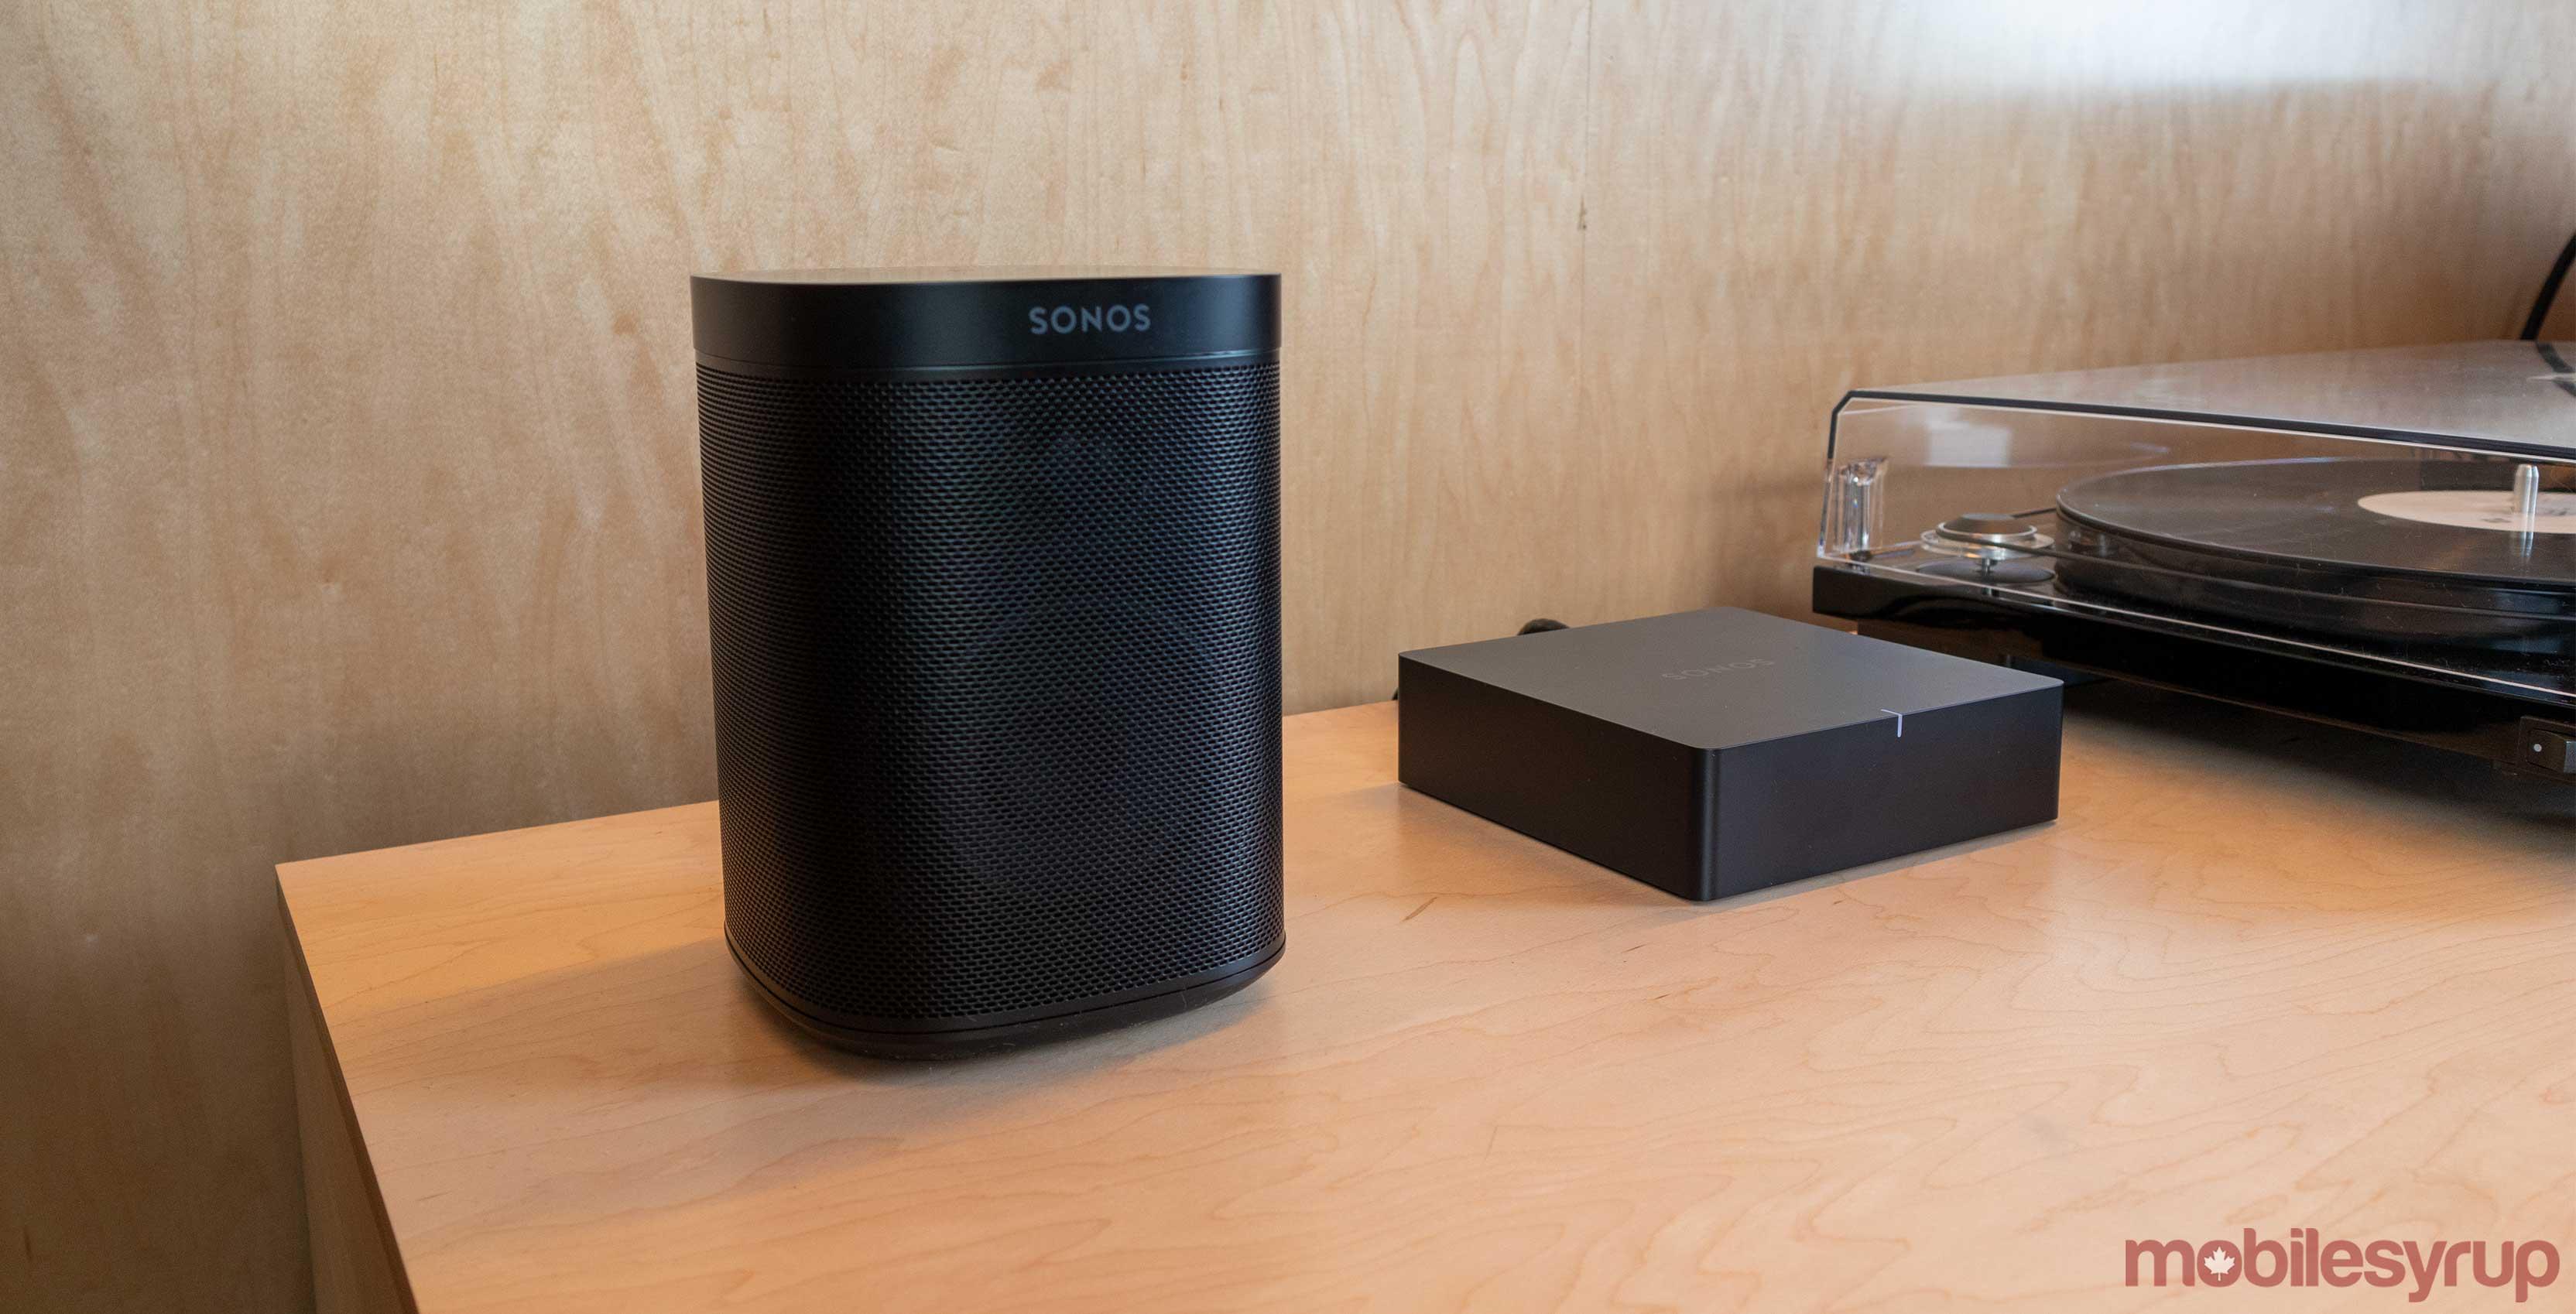 Sonos reveals new One SL and Sonos Port